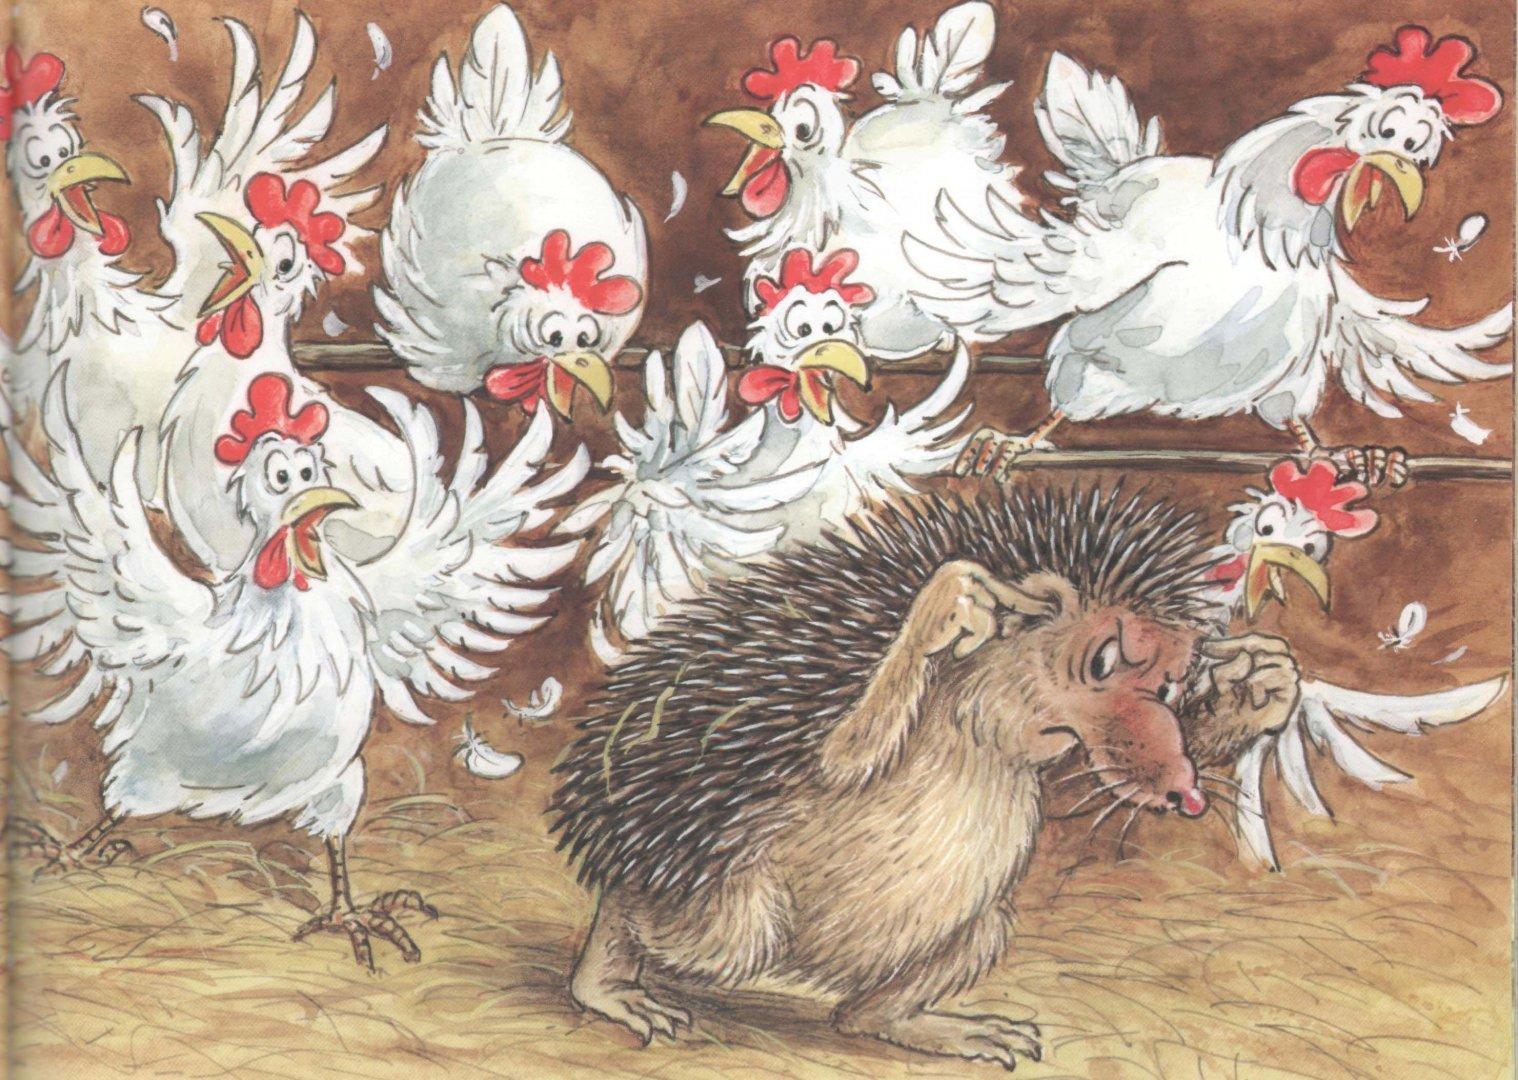 иллюстрации к сказкам ежик поляна размещена категории